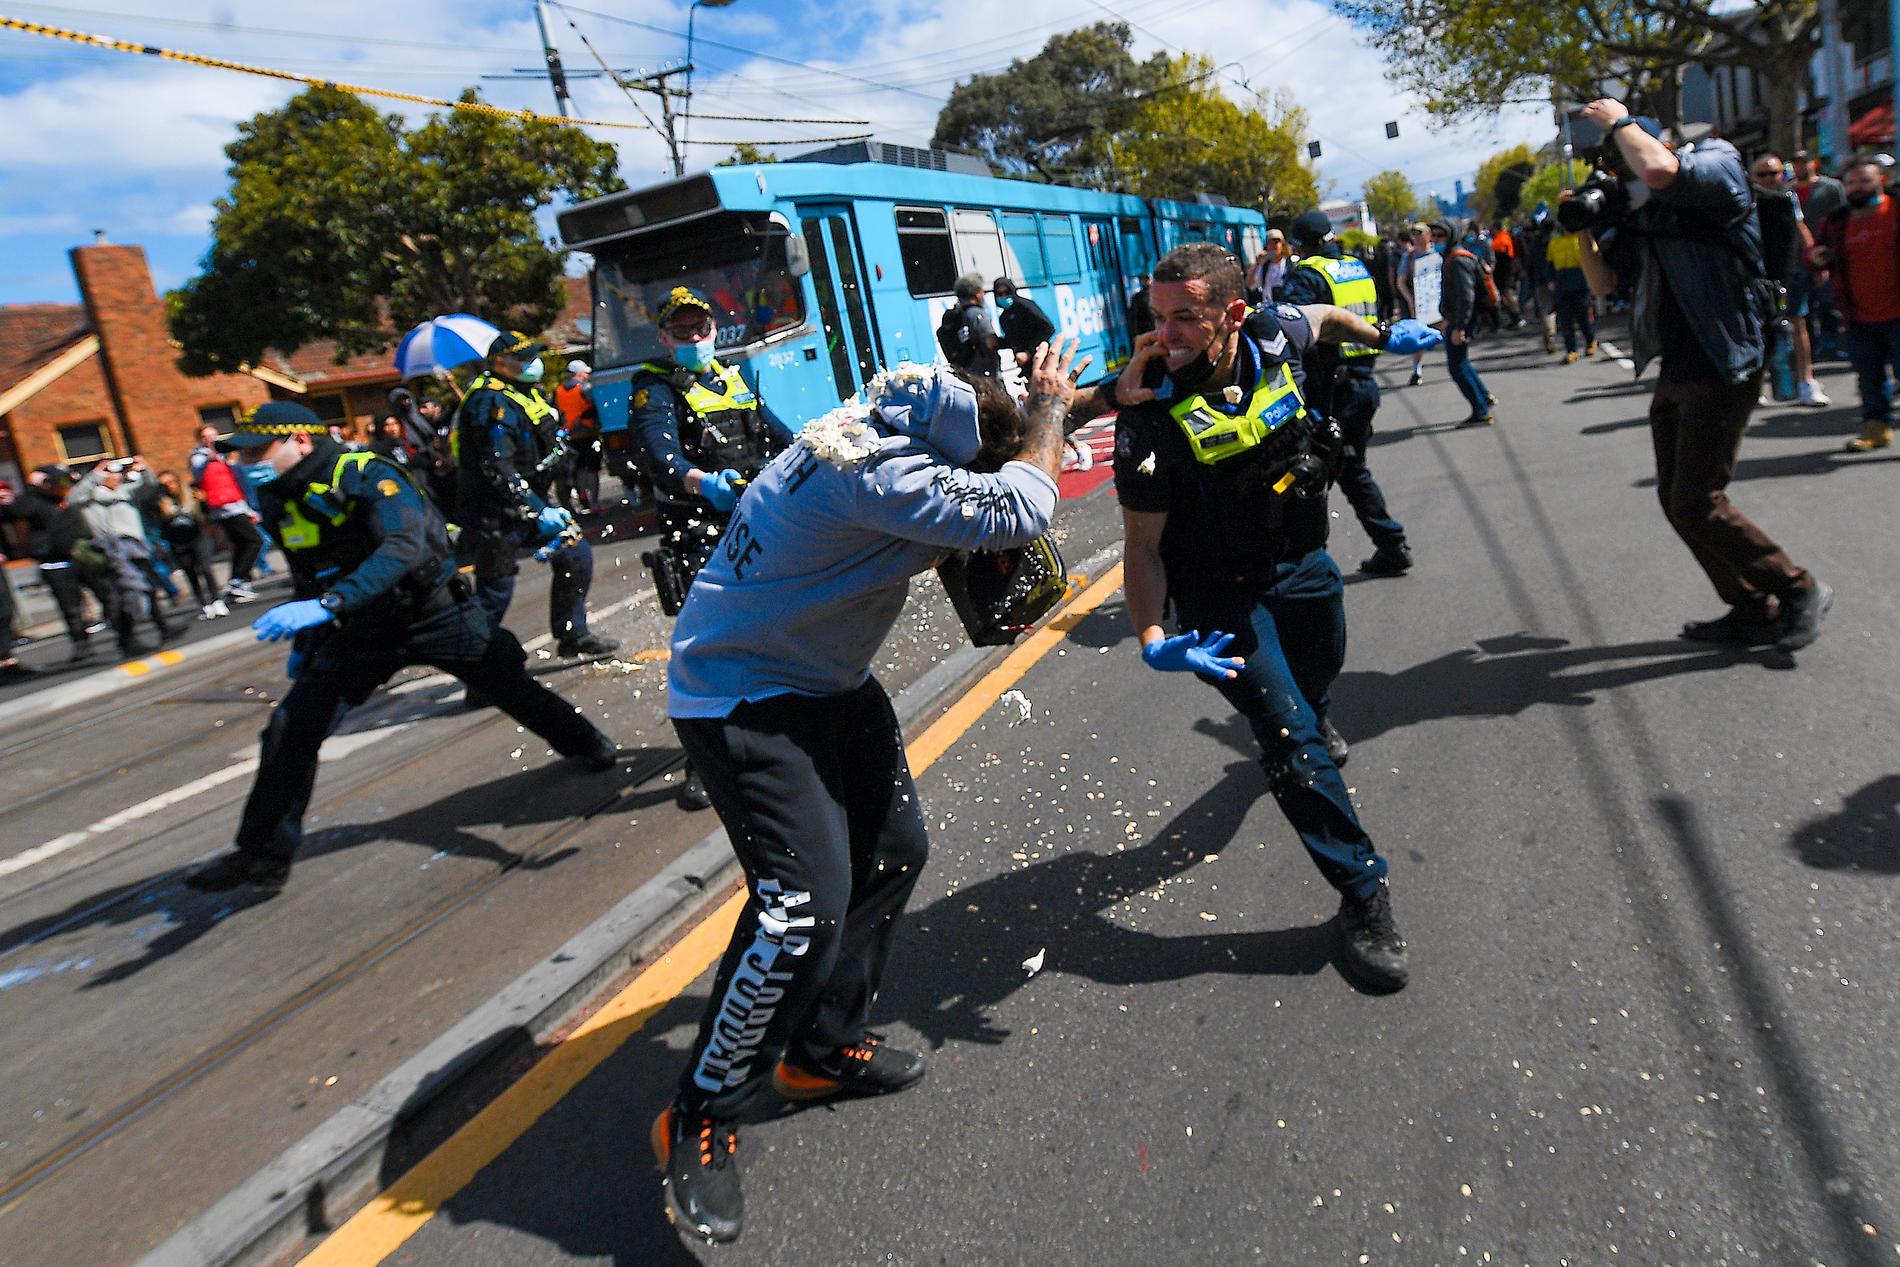 En liknande demonstration var planerad att hållas i Sydney under lördagen – men blåstes av.